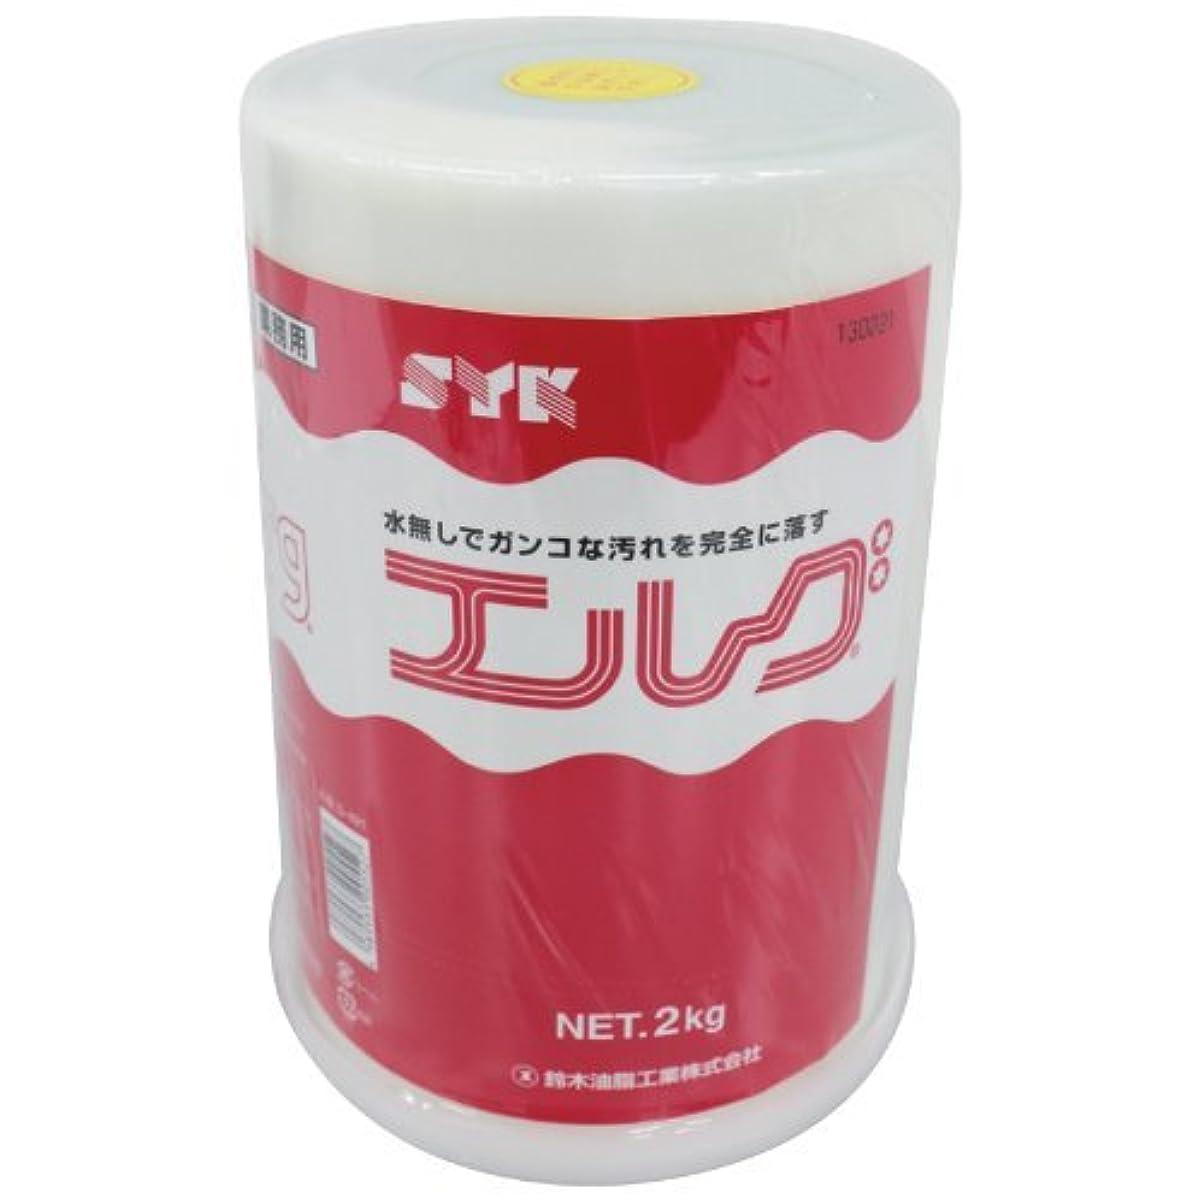 スパン委員長伝記鈴木油脂 水無しでも使える業務用手洗い洗剤 エルグ 本体 2kg S-491